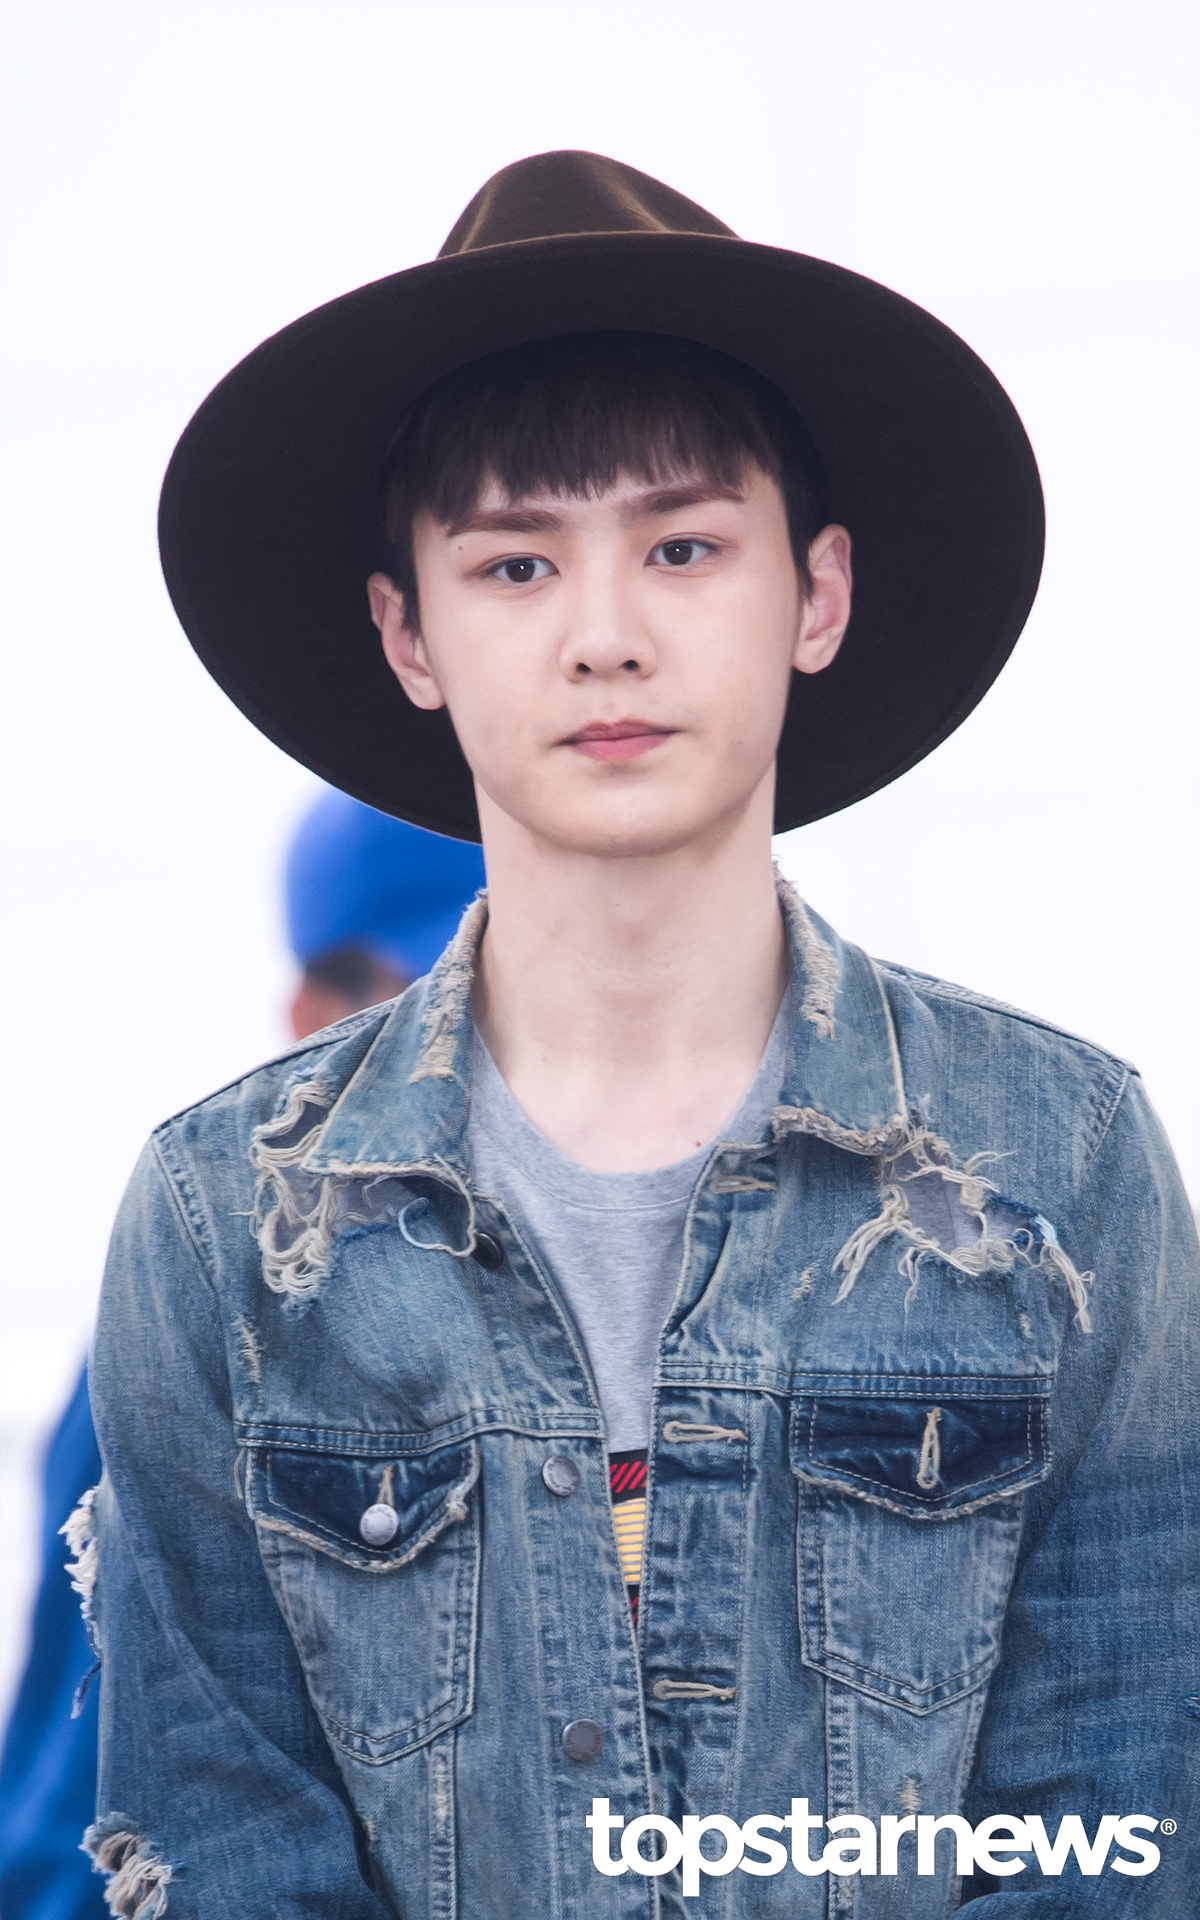 ▲牛仔外套 新人團體NCT的錕則是用牛仔外套搭配寬延帽打造出時尚男孩的摩登感